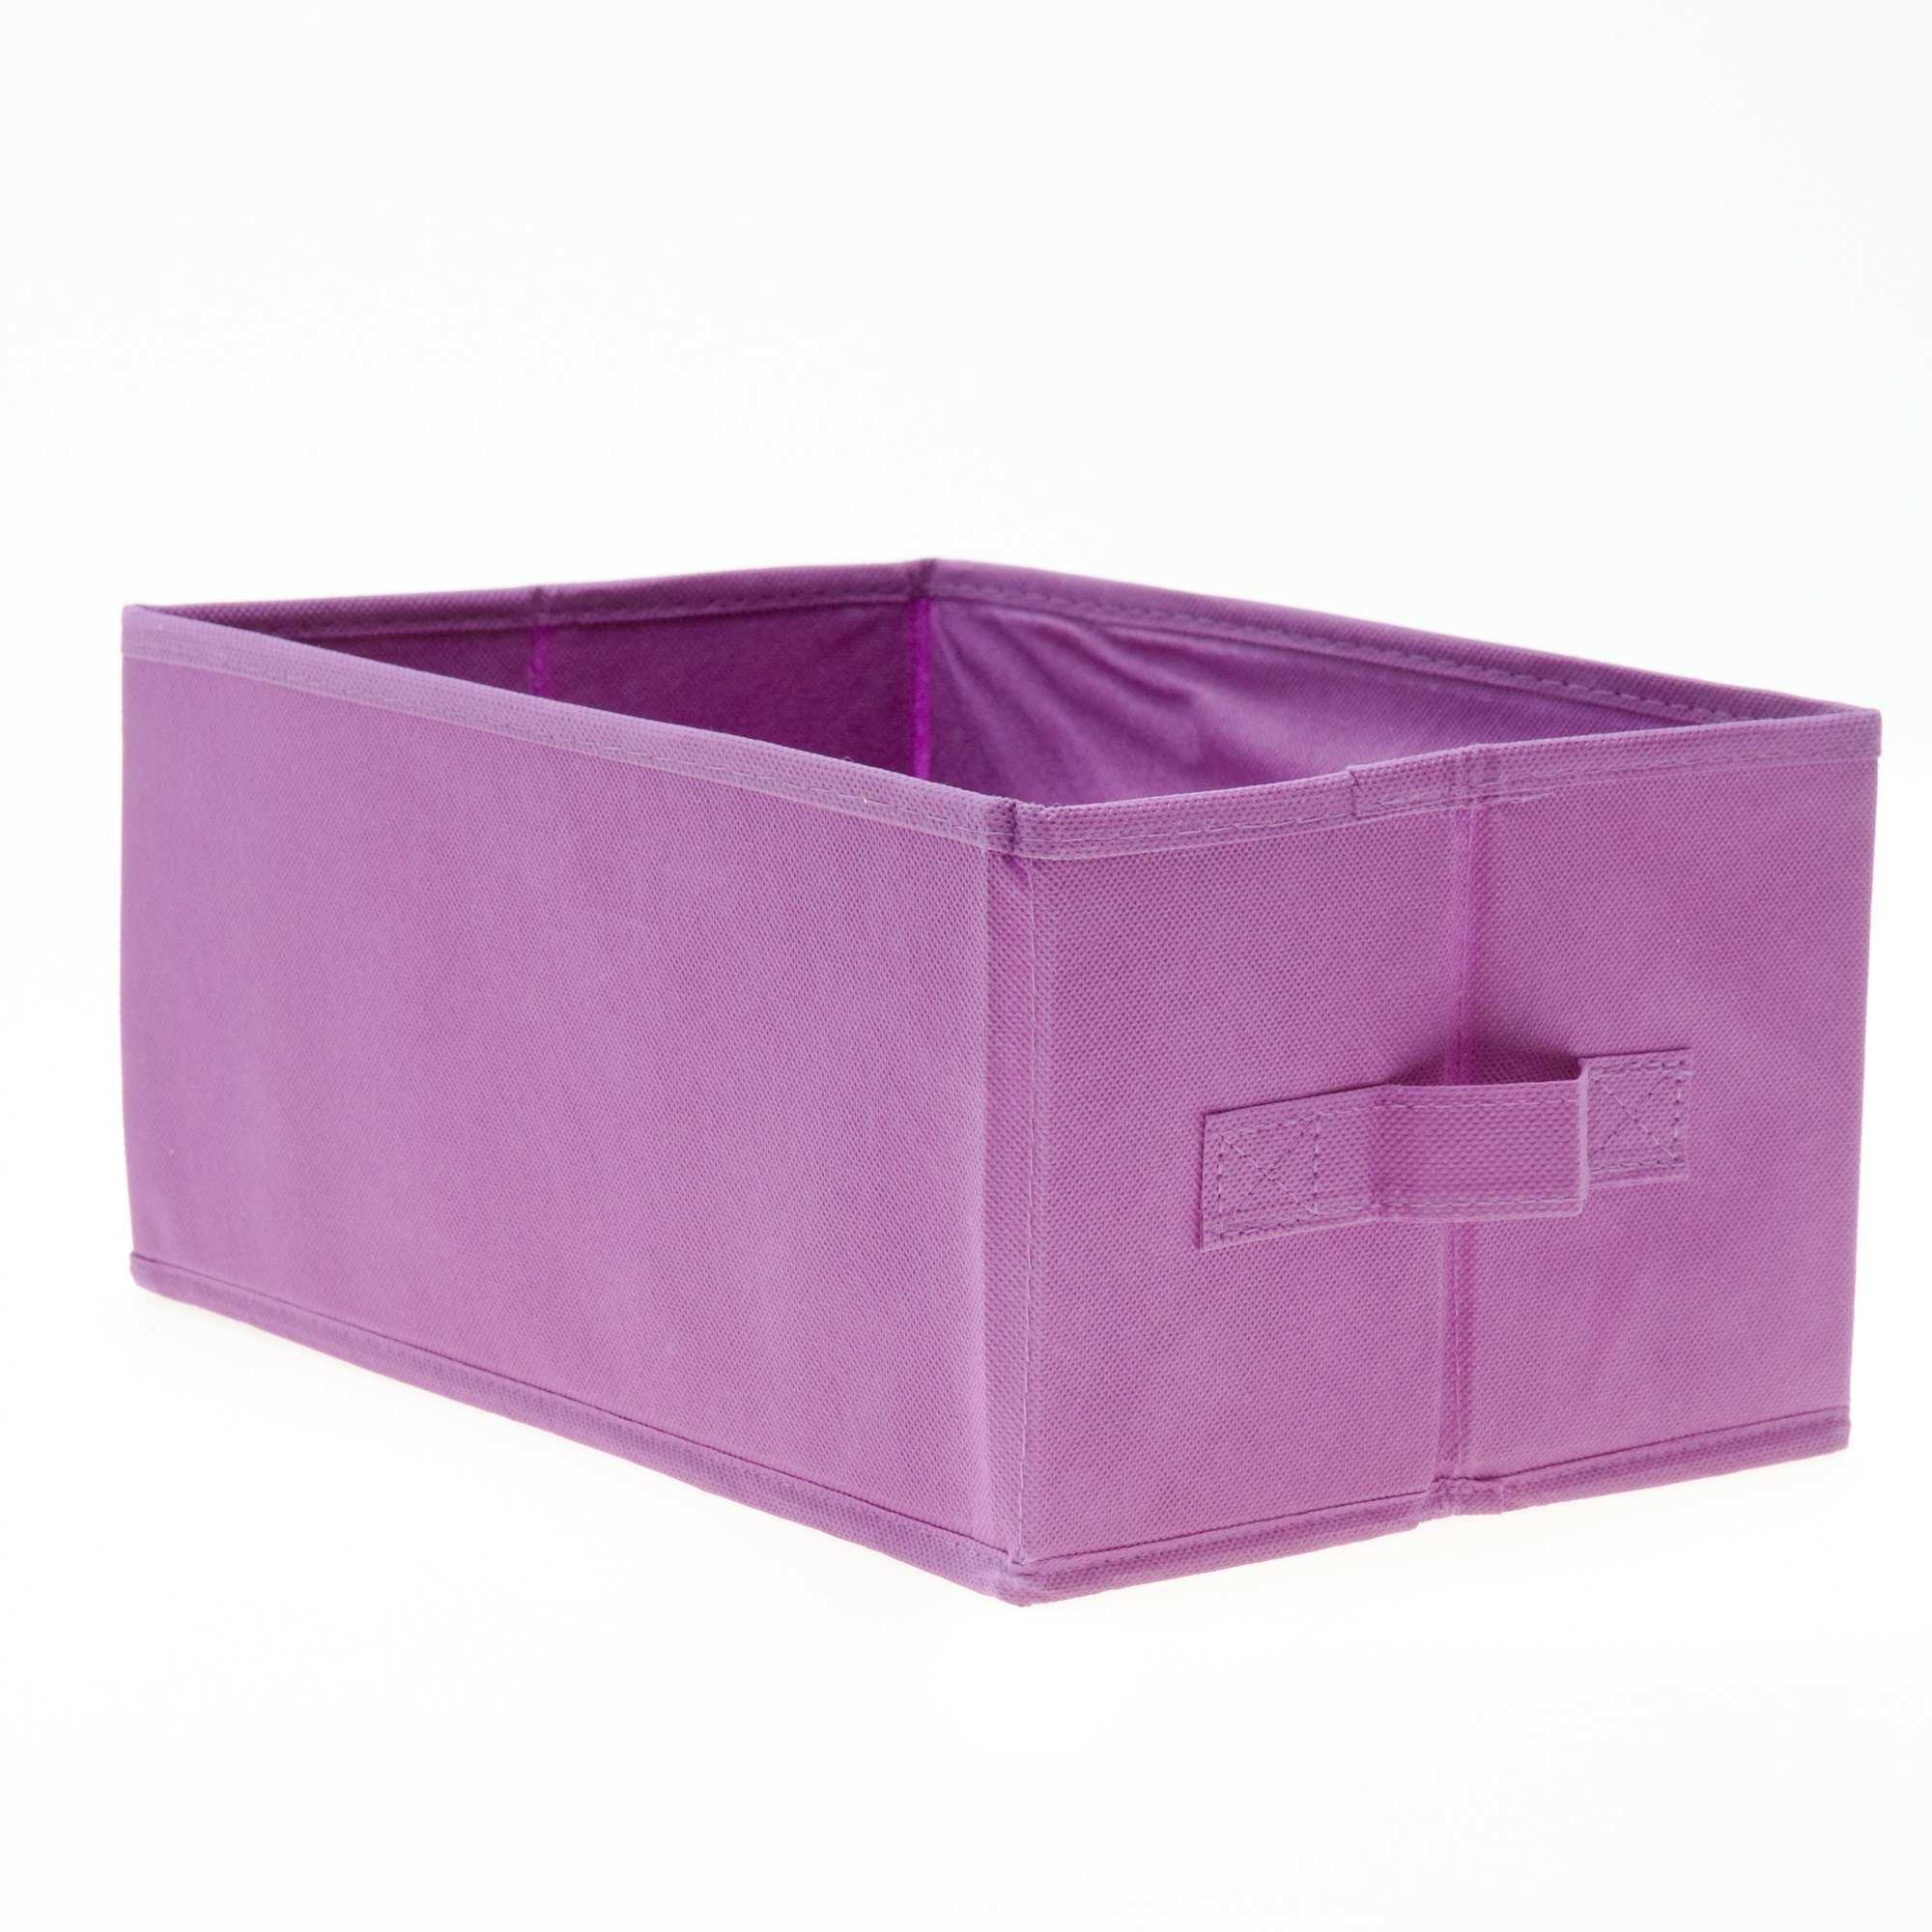 petit panier pliable linge de lit violet kiabi 3 00. Black Bedroom Furniture Sets. Home Design Ideas